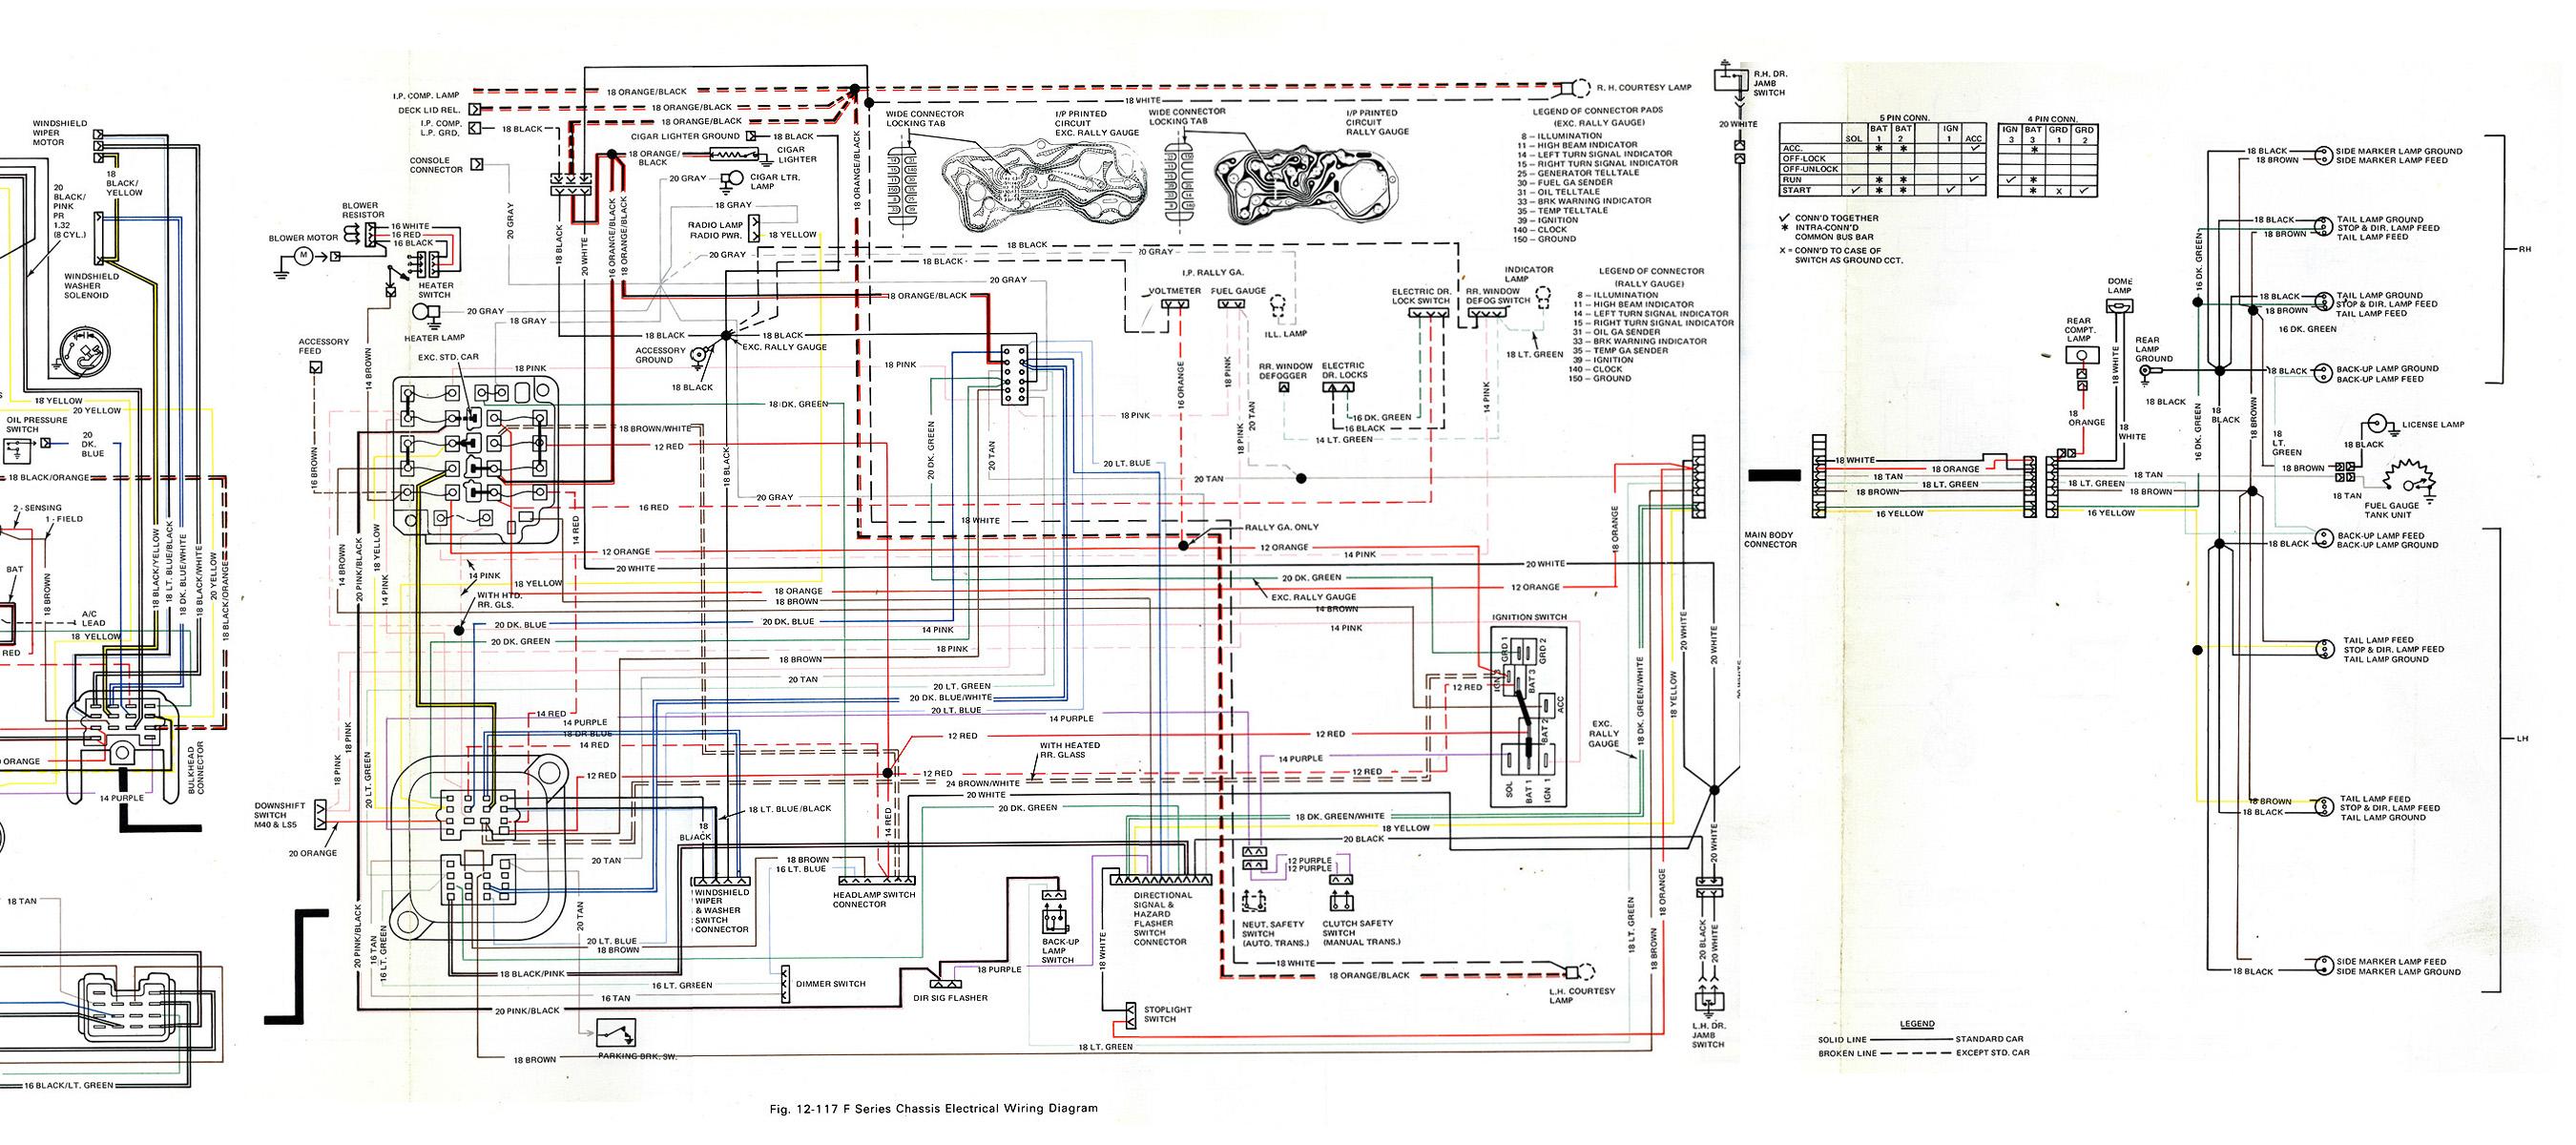 Groß 66 Gto Schaltplan Zeitgenössisch - Schaltplan Serie Circuit ...